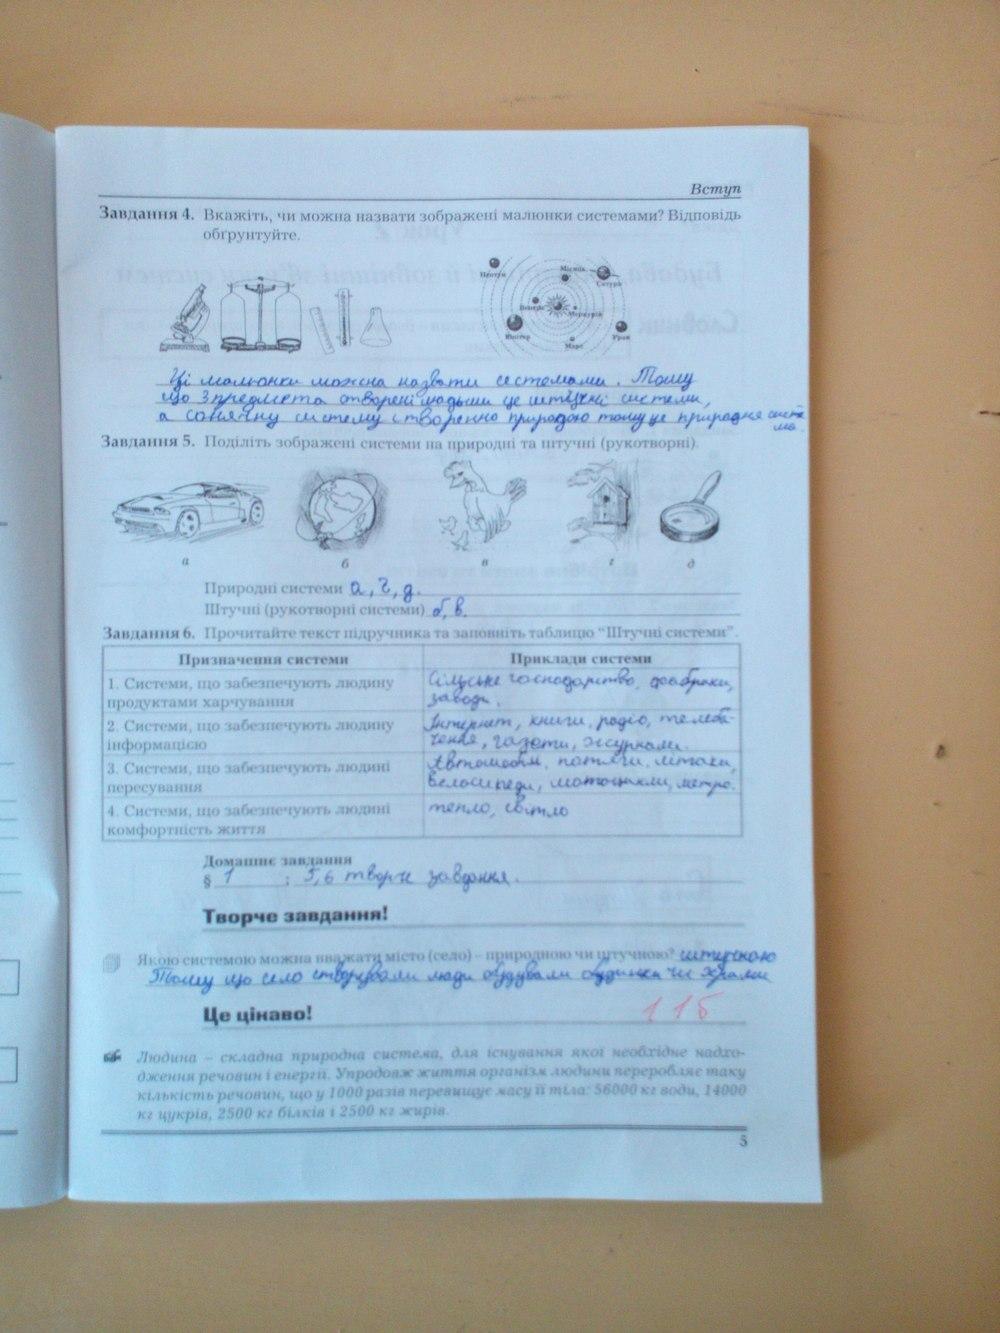 Гдз по біологія робочий зошит 6 клас